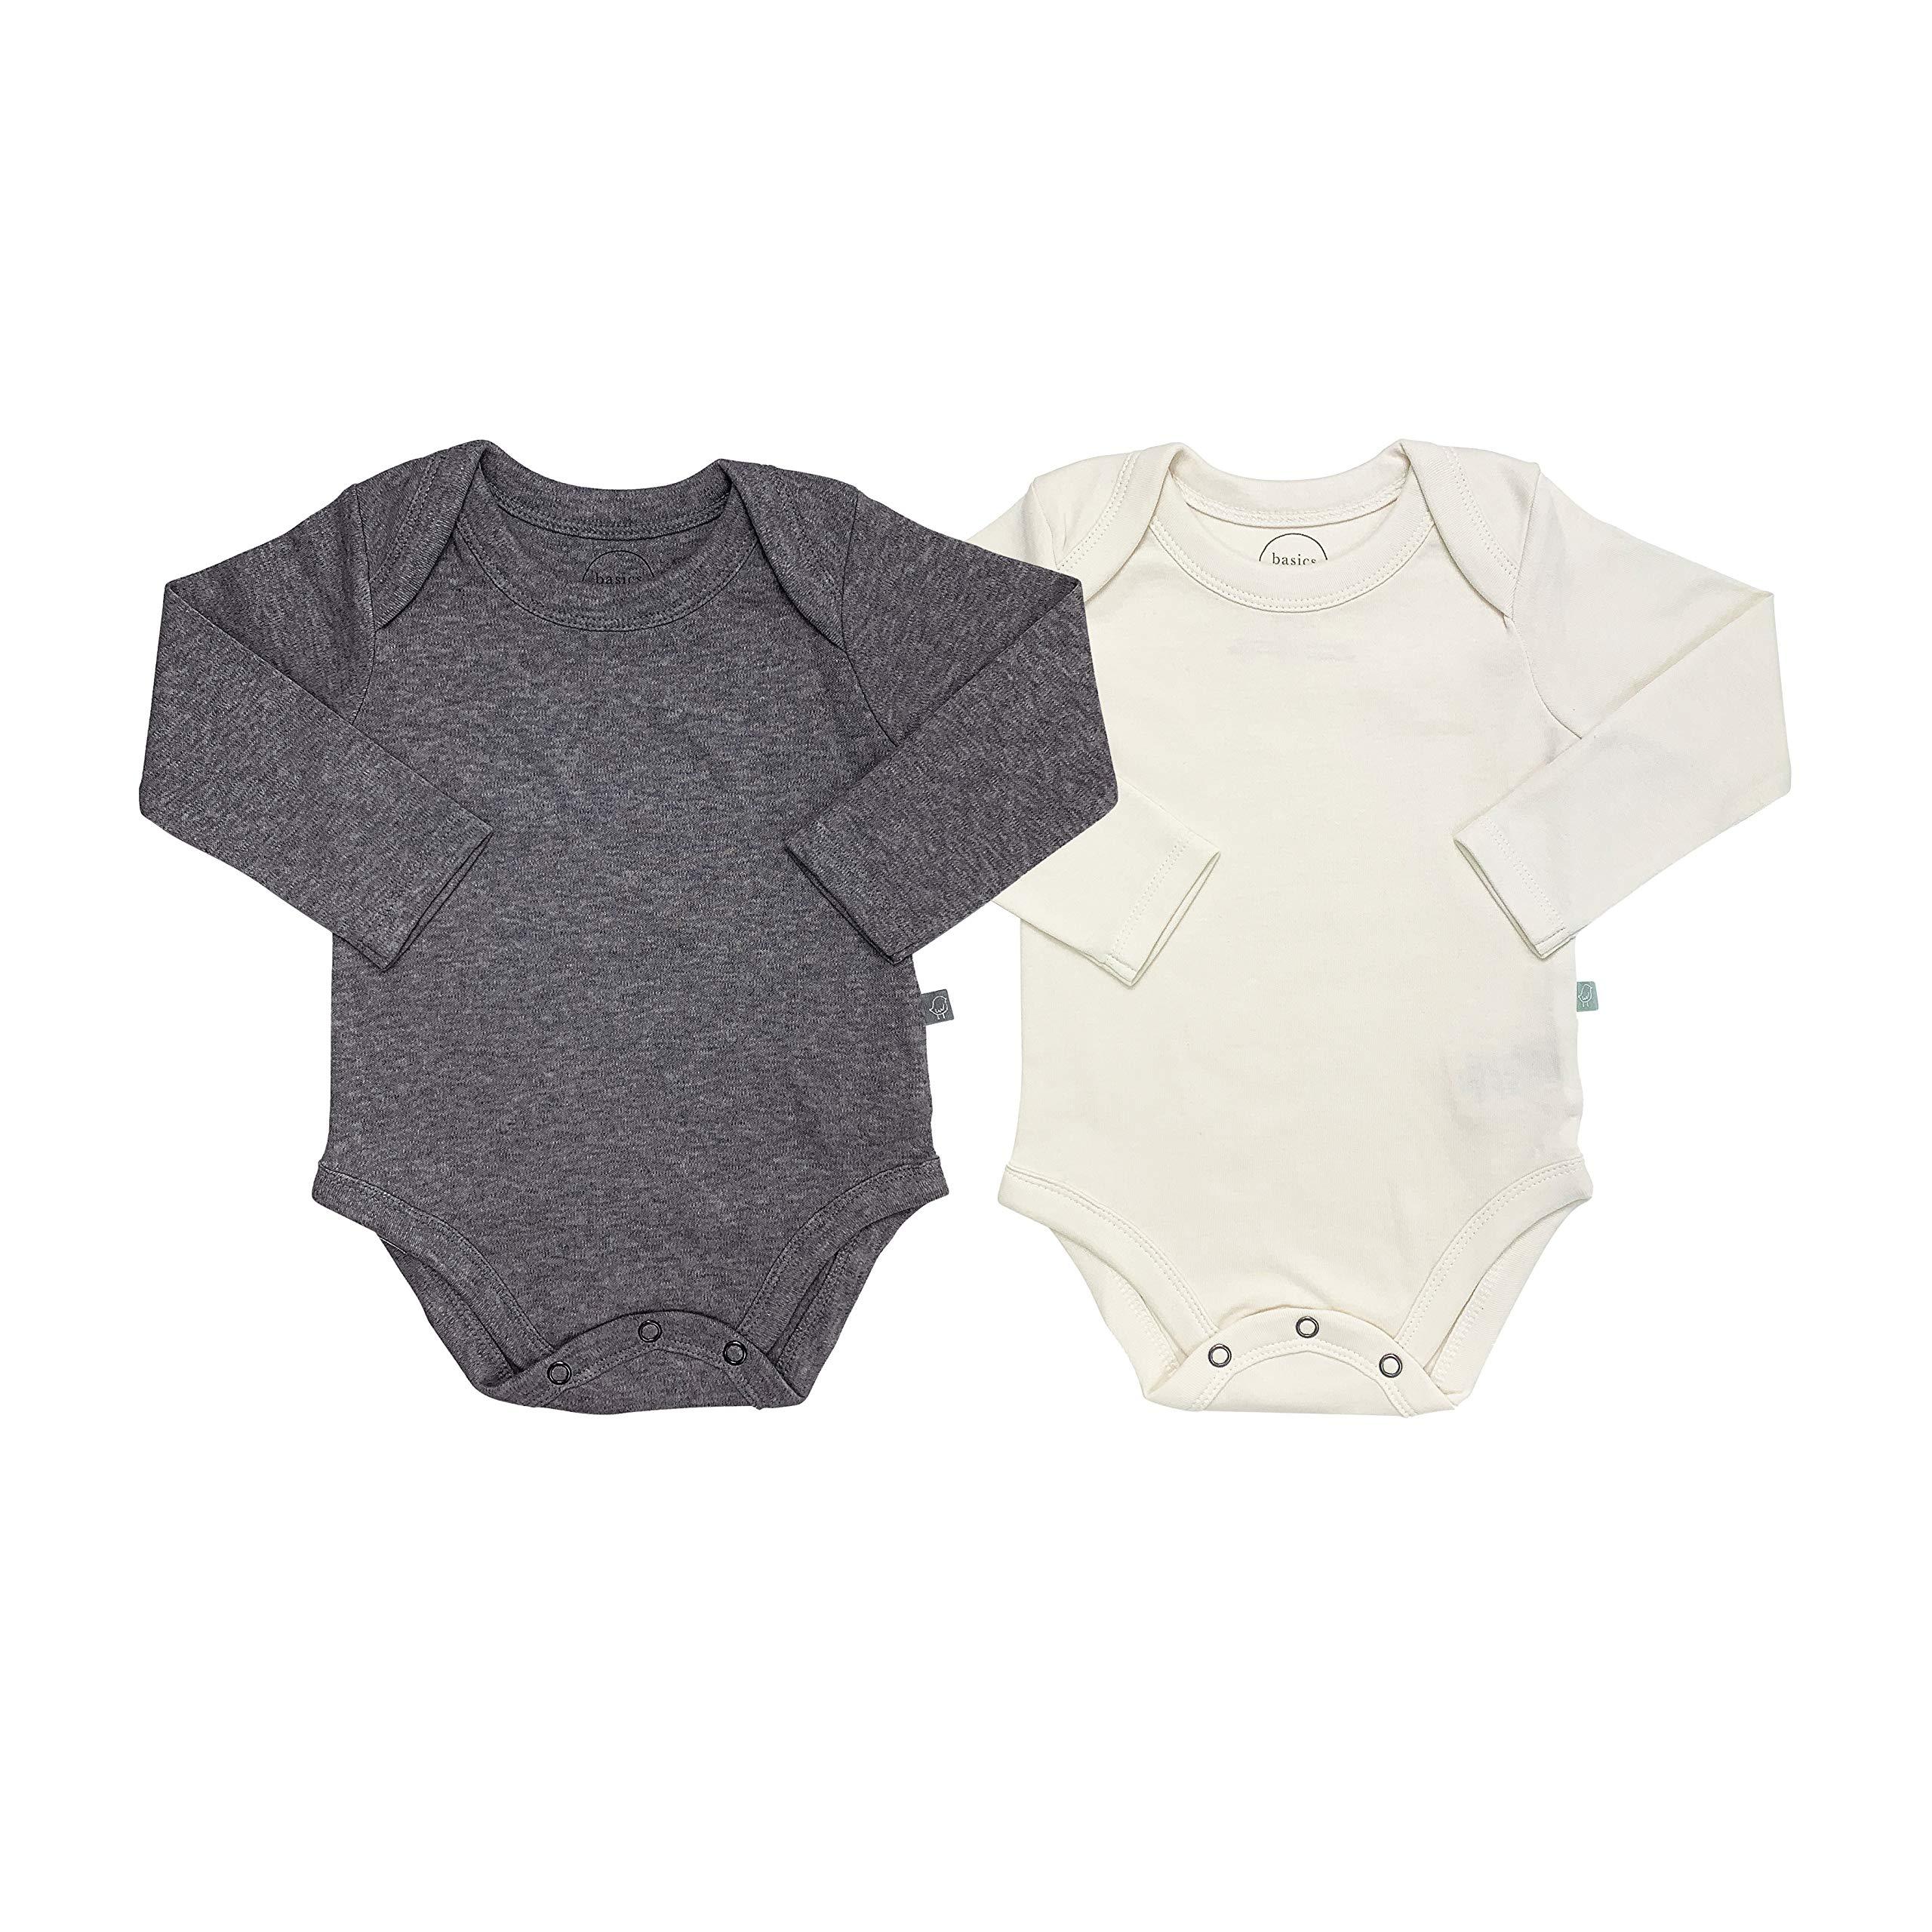 Finn + Emma Basics 2 Pack Long Sleeve Baby Bodysuit - Ivory White & Charcoal Gray, 6-9m